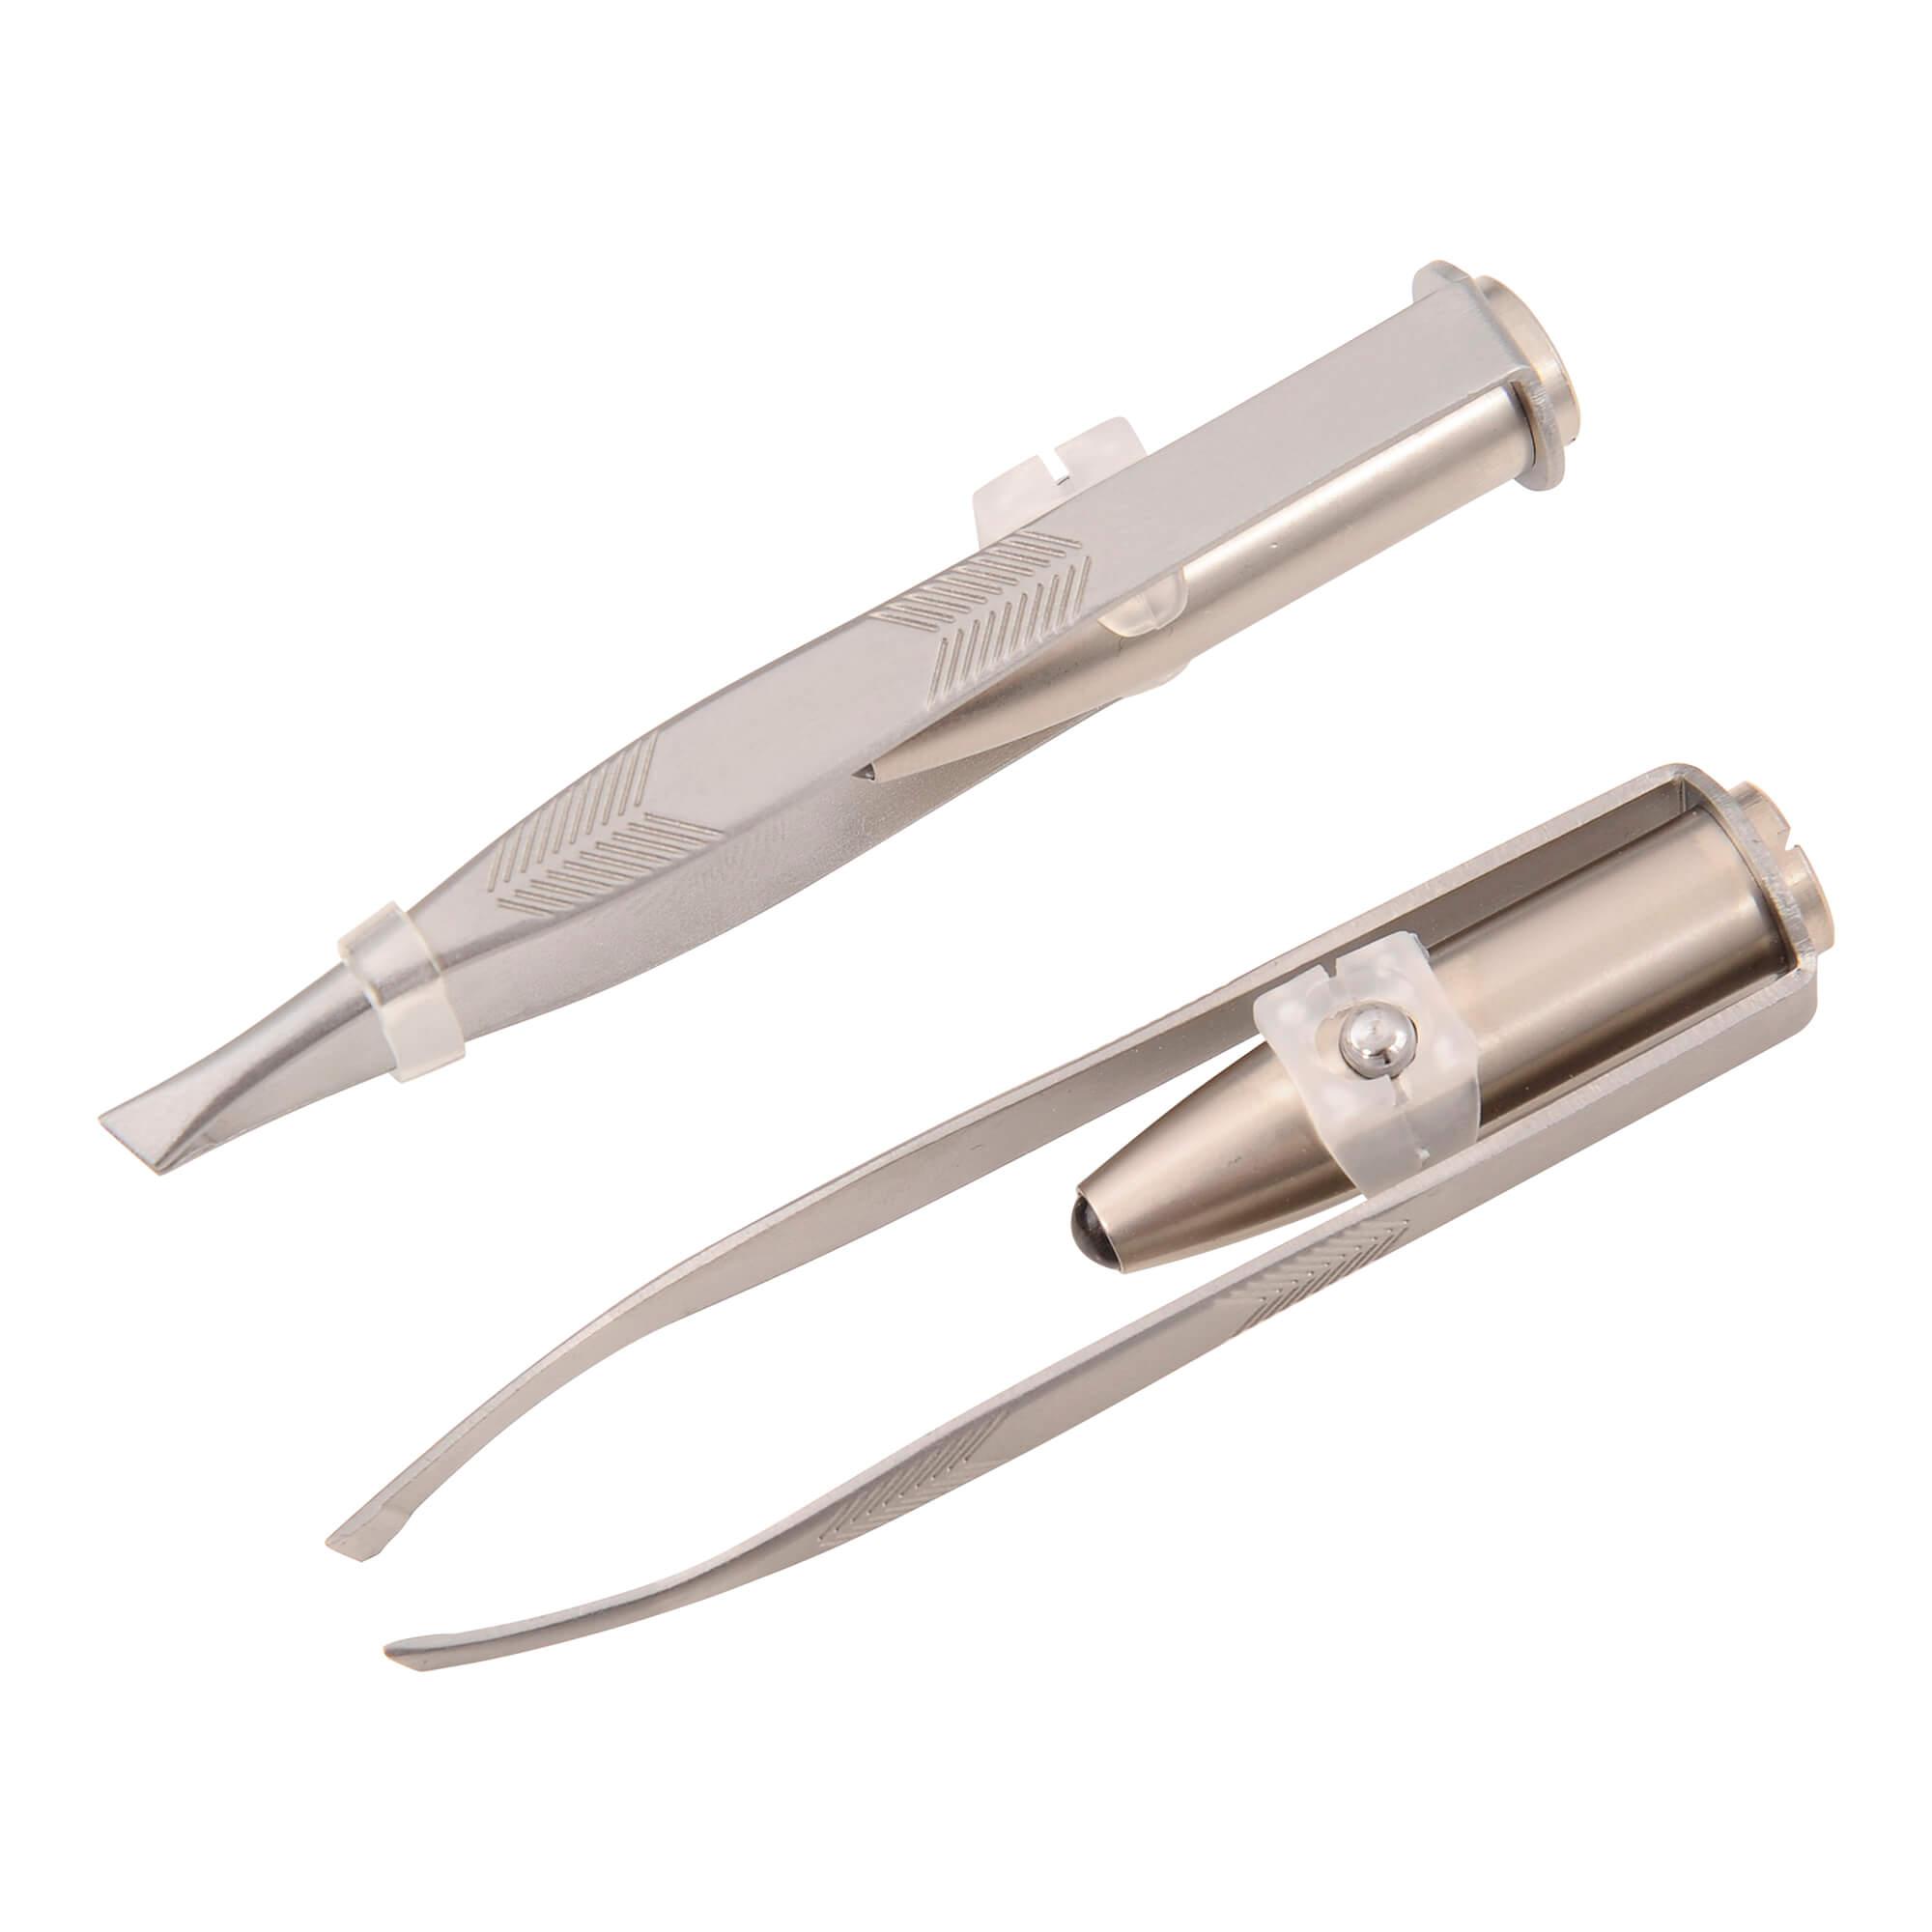 Nippes Pinzette mit LED-Licht Nr. 767 E